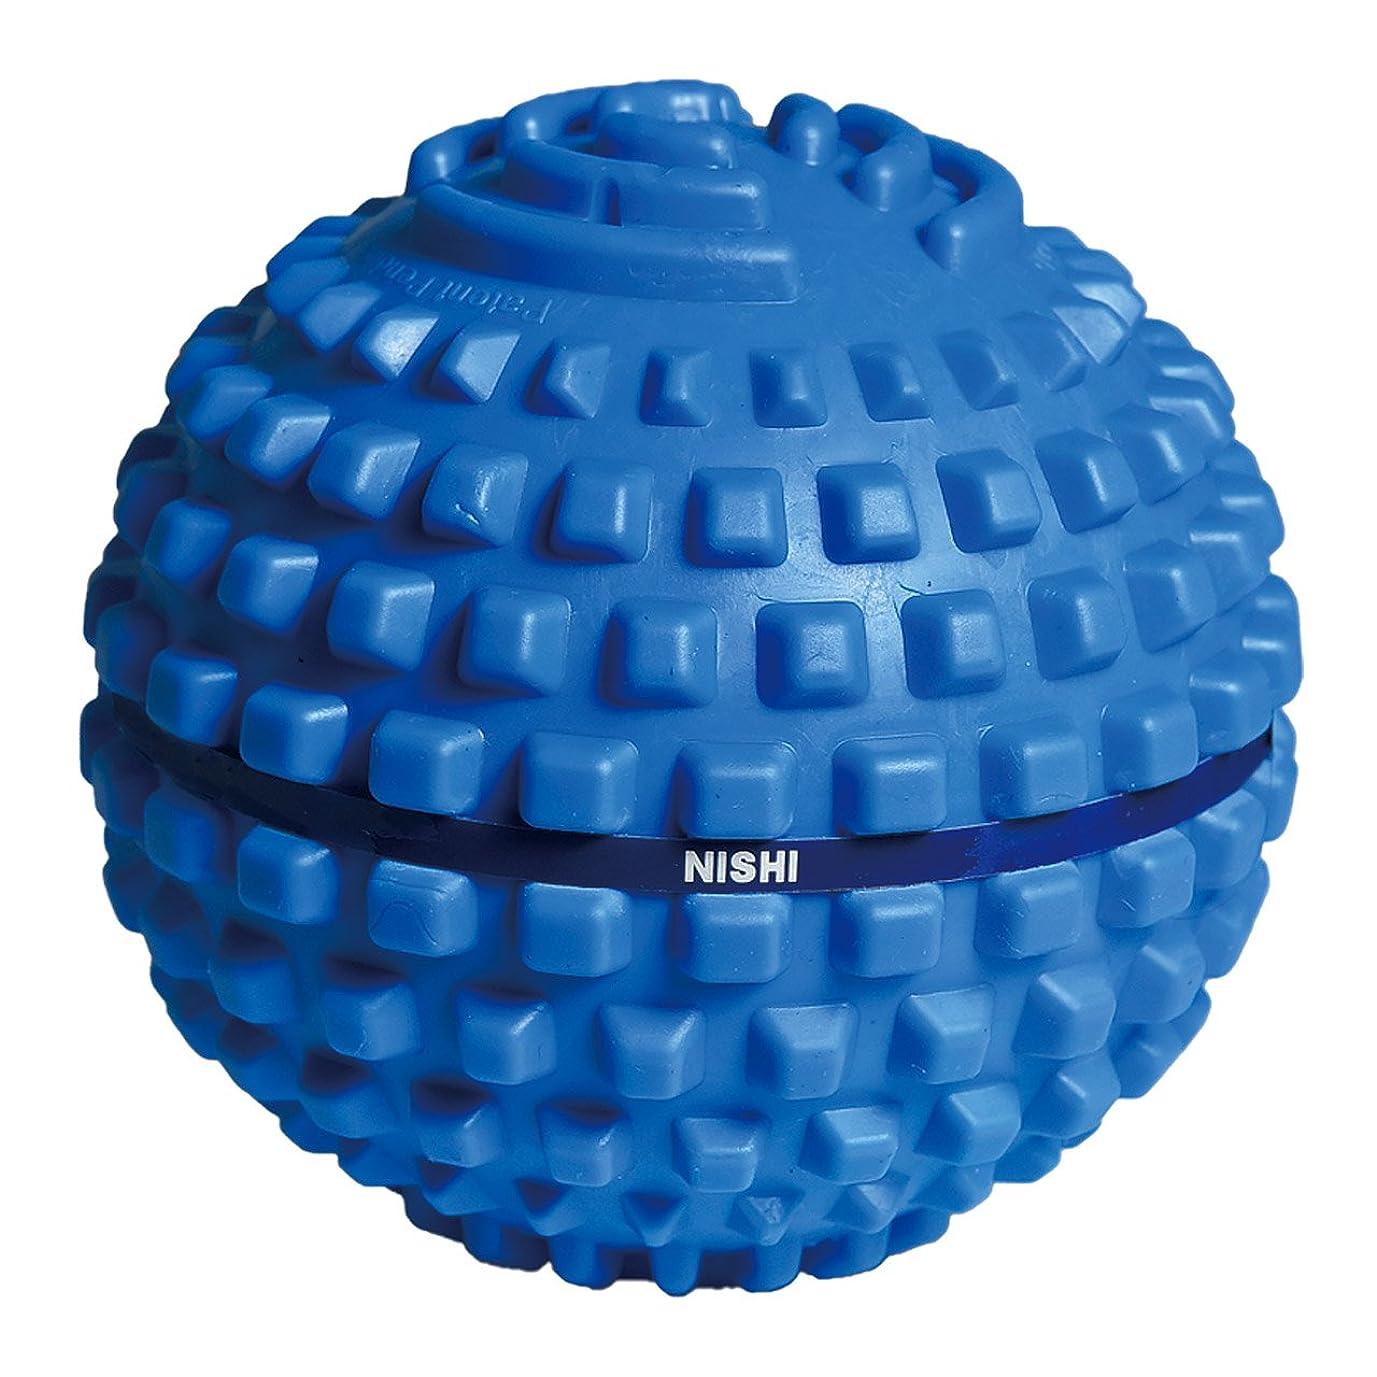 魅力達成解明ニシ?スポーツ(NISHI) コンプレッションボール NT7994 F